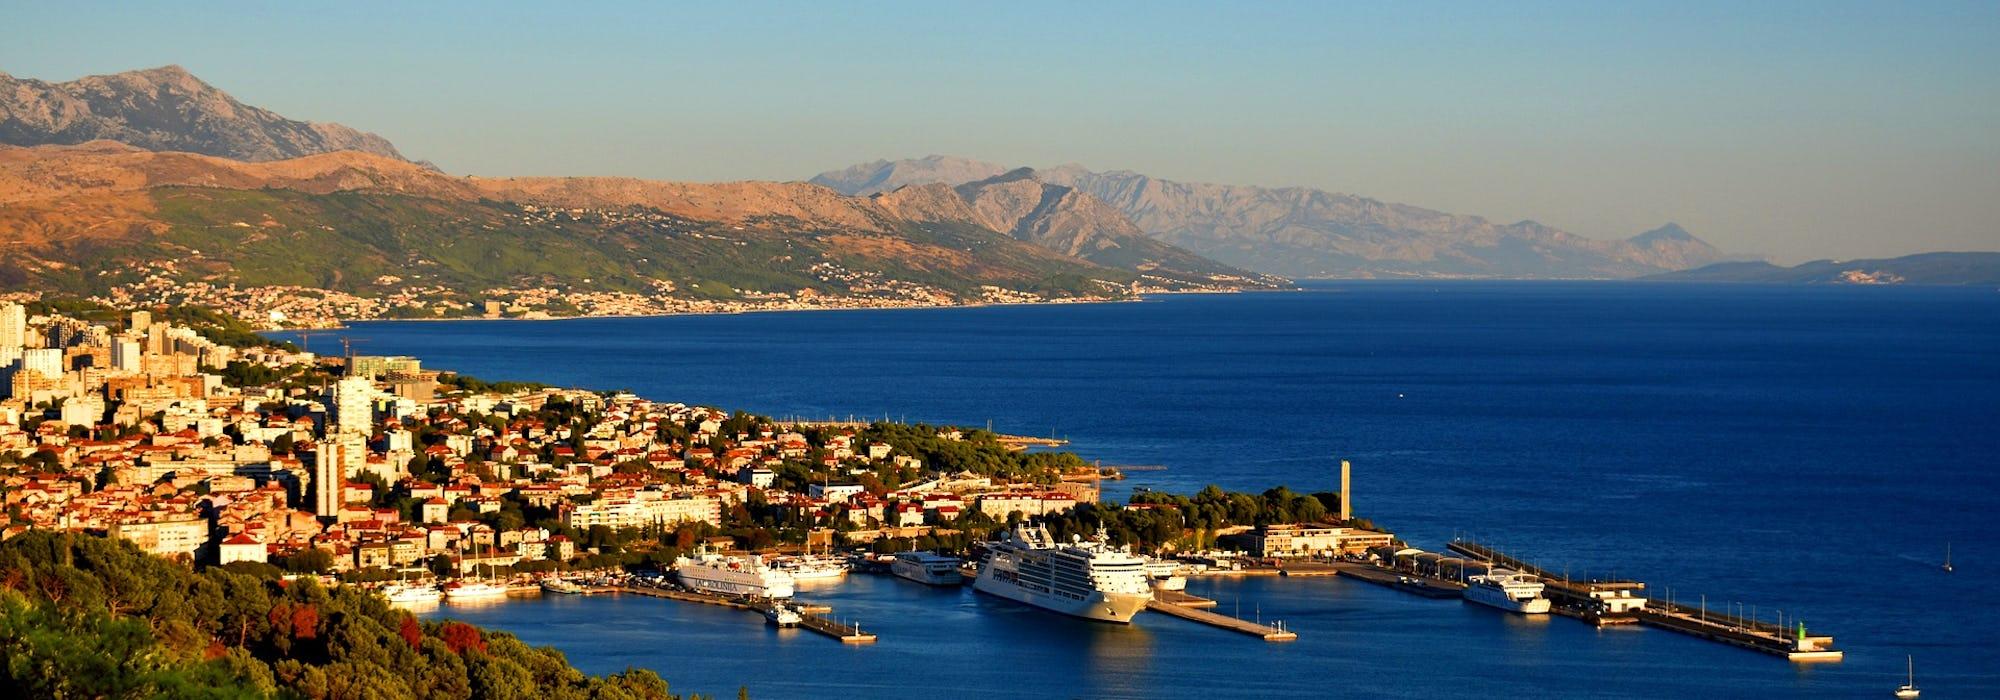 Bild ovanifrån på staden Split's hamn med berg och vatten i bakgrunden.